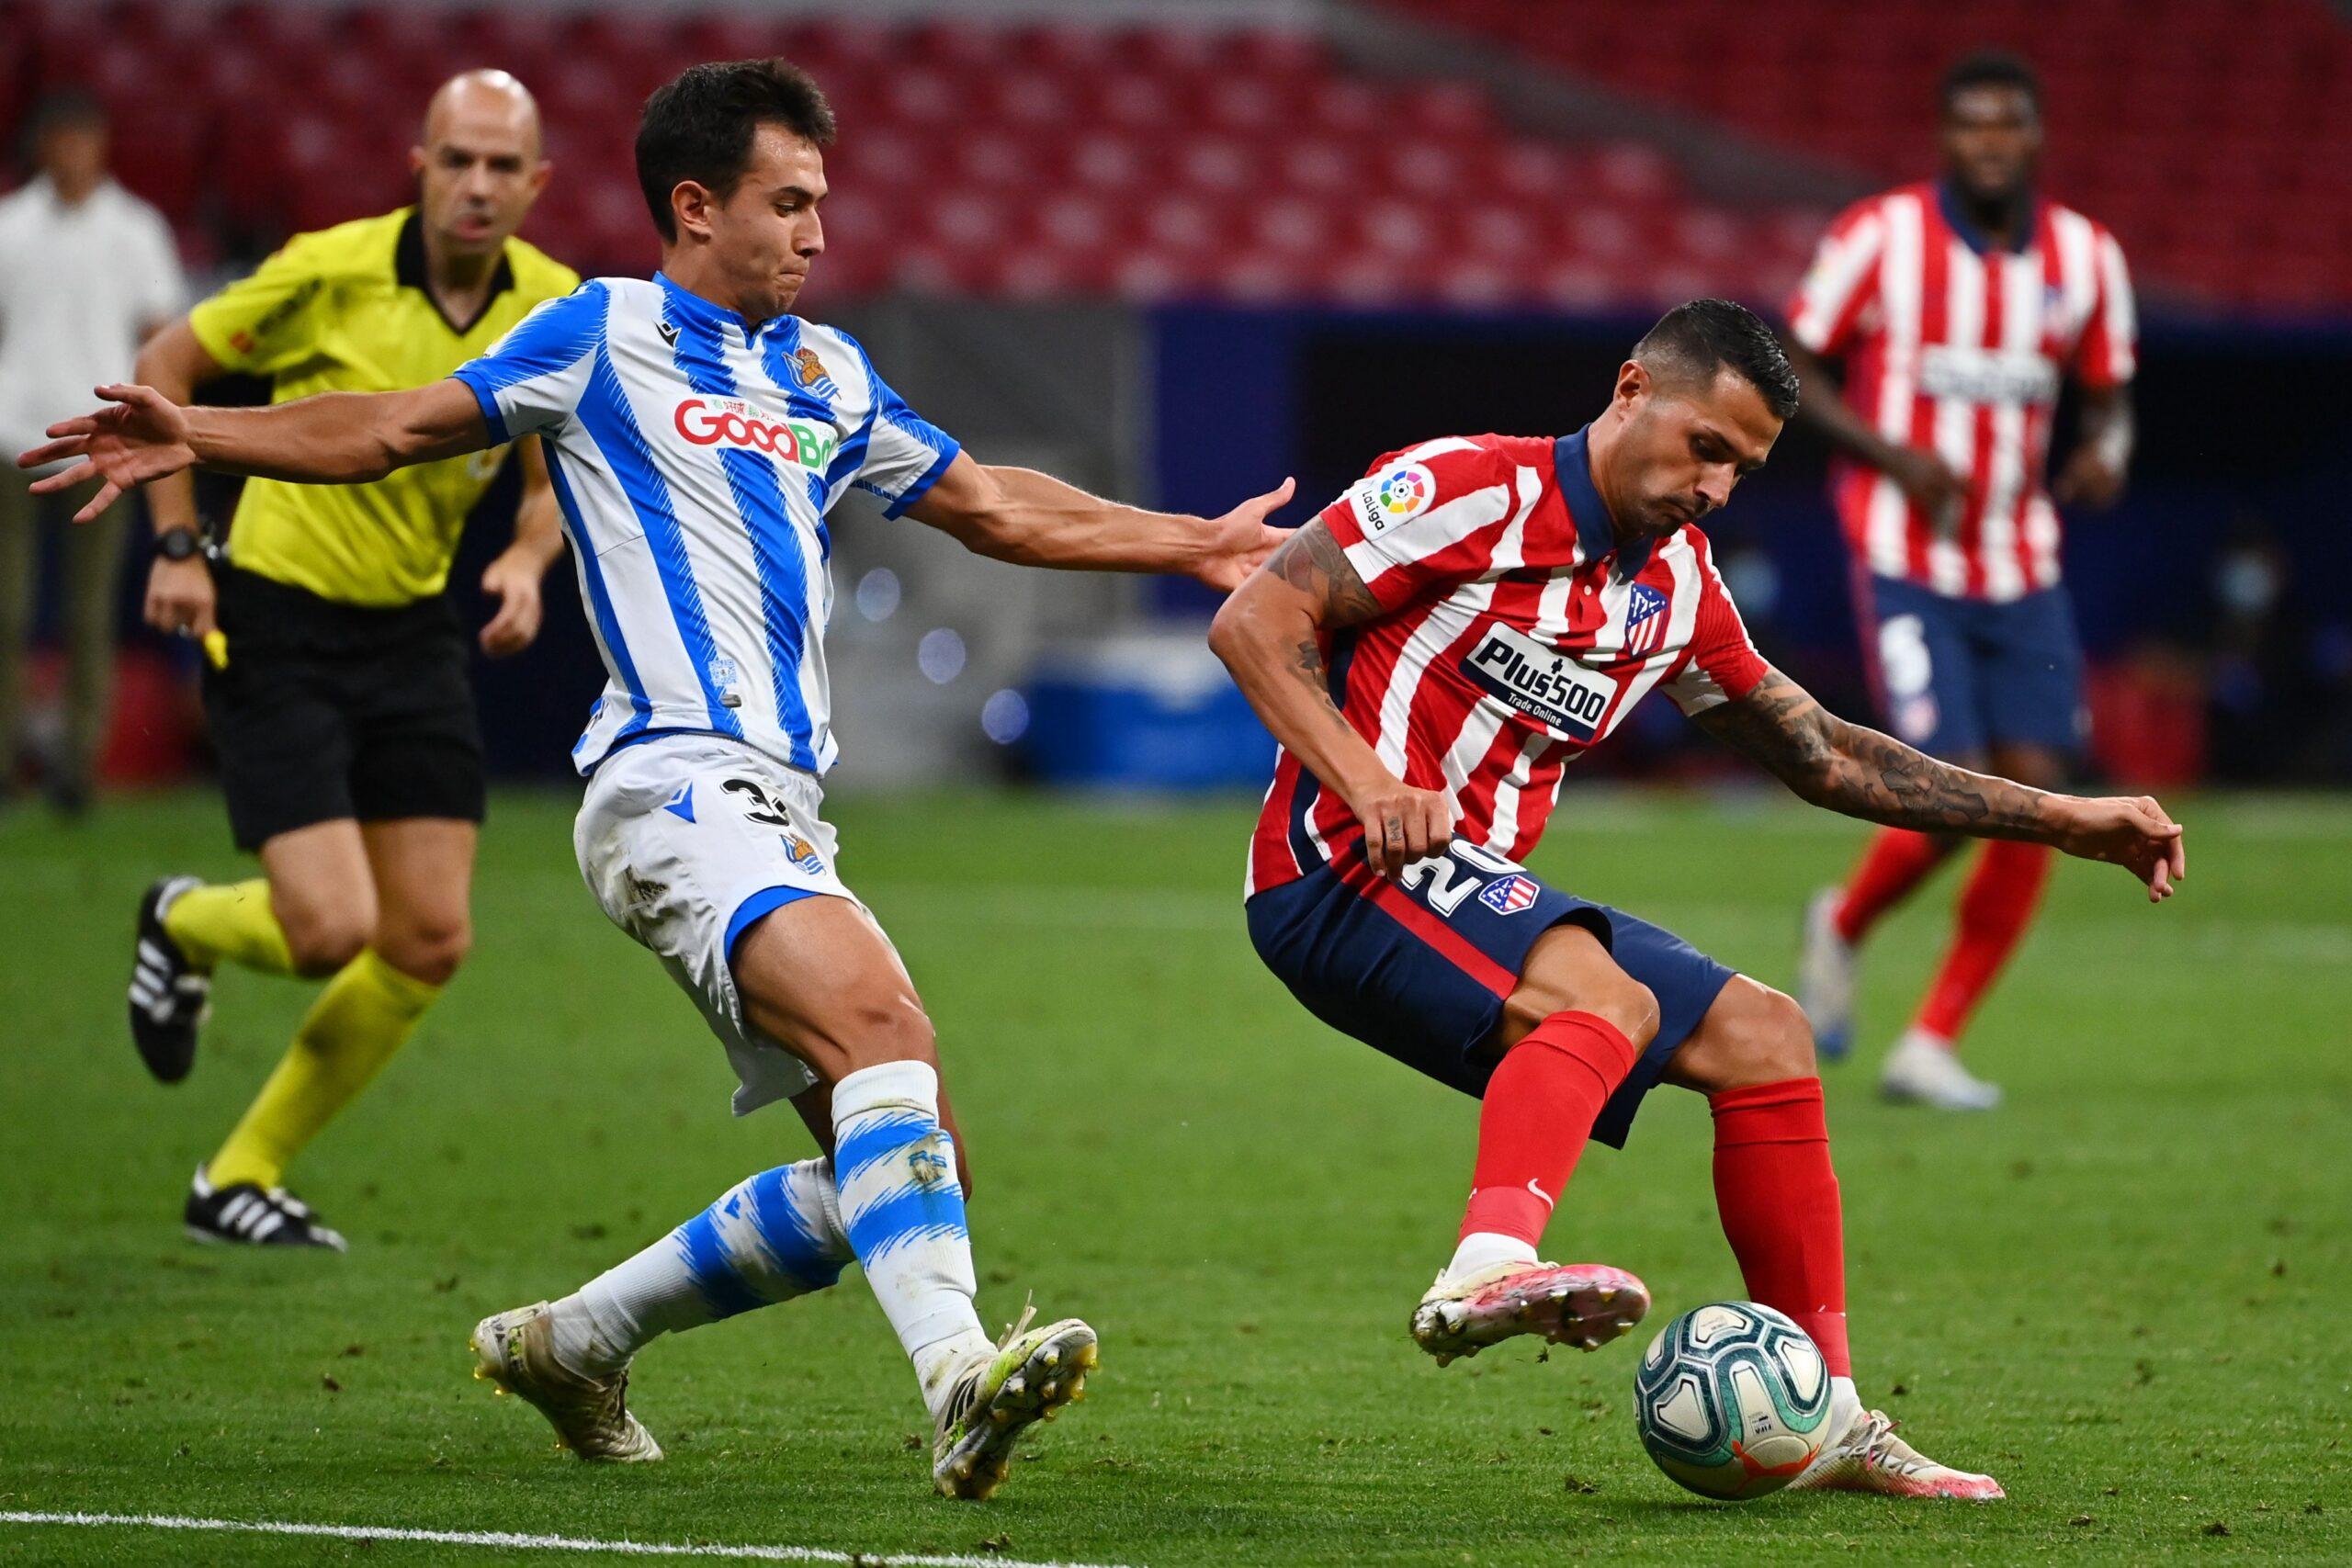 Fichajes: Venta inminente de Vitolo en el Atlético